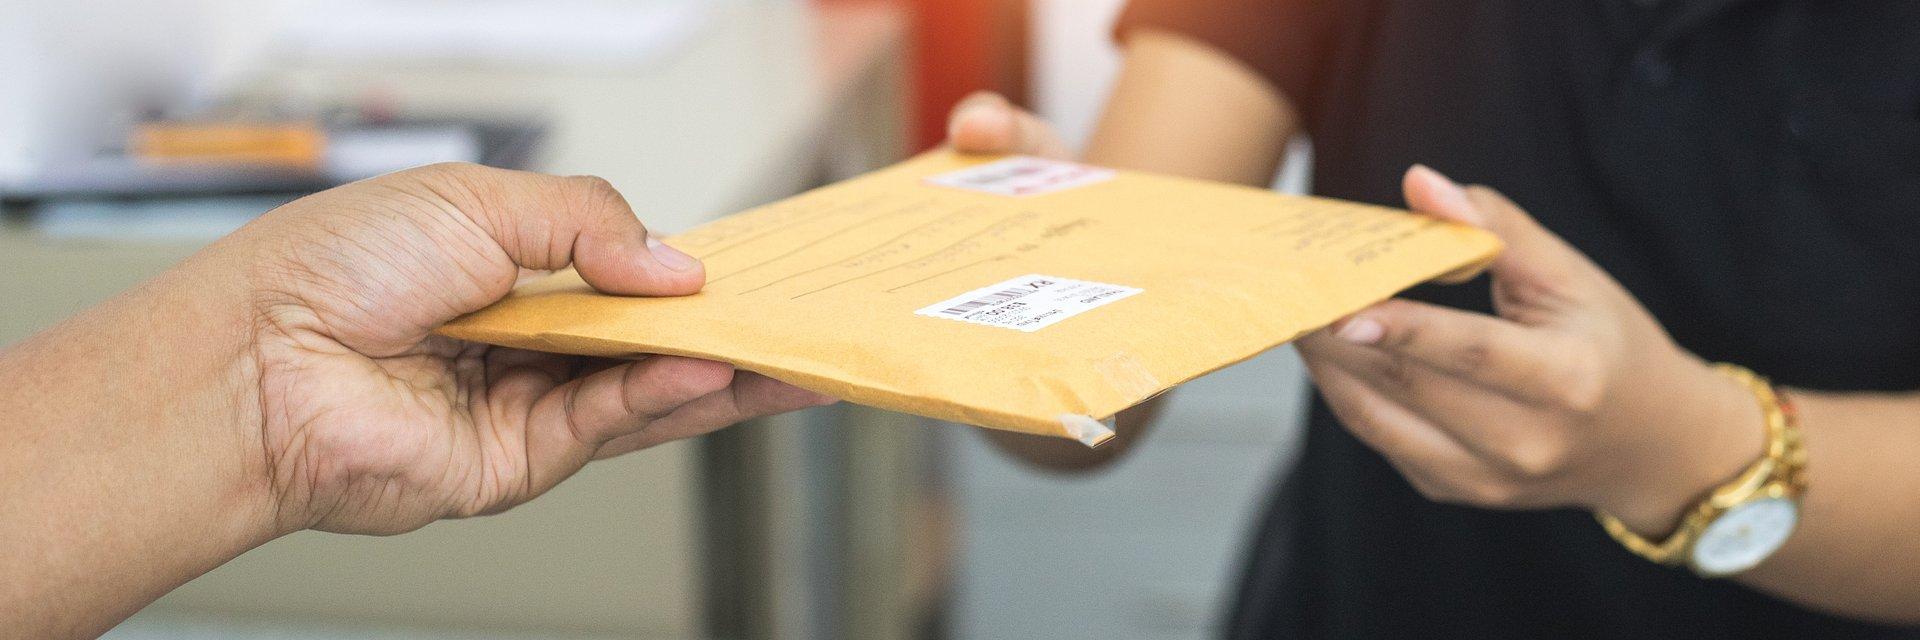 Logistyka wsparta technologią pozwala zaoszczędzić na firmowych wysyłkach pocztowych